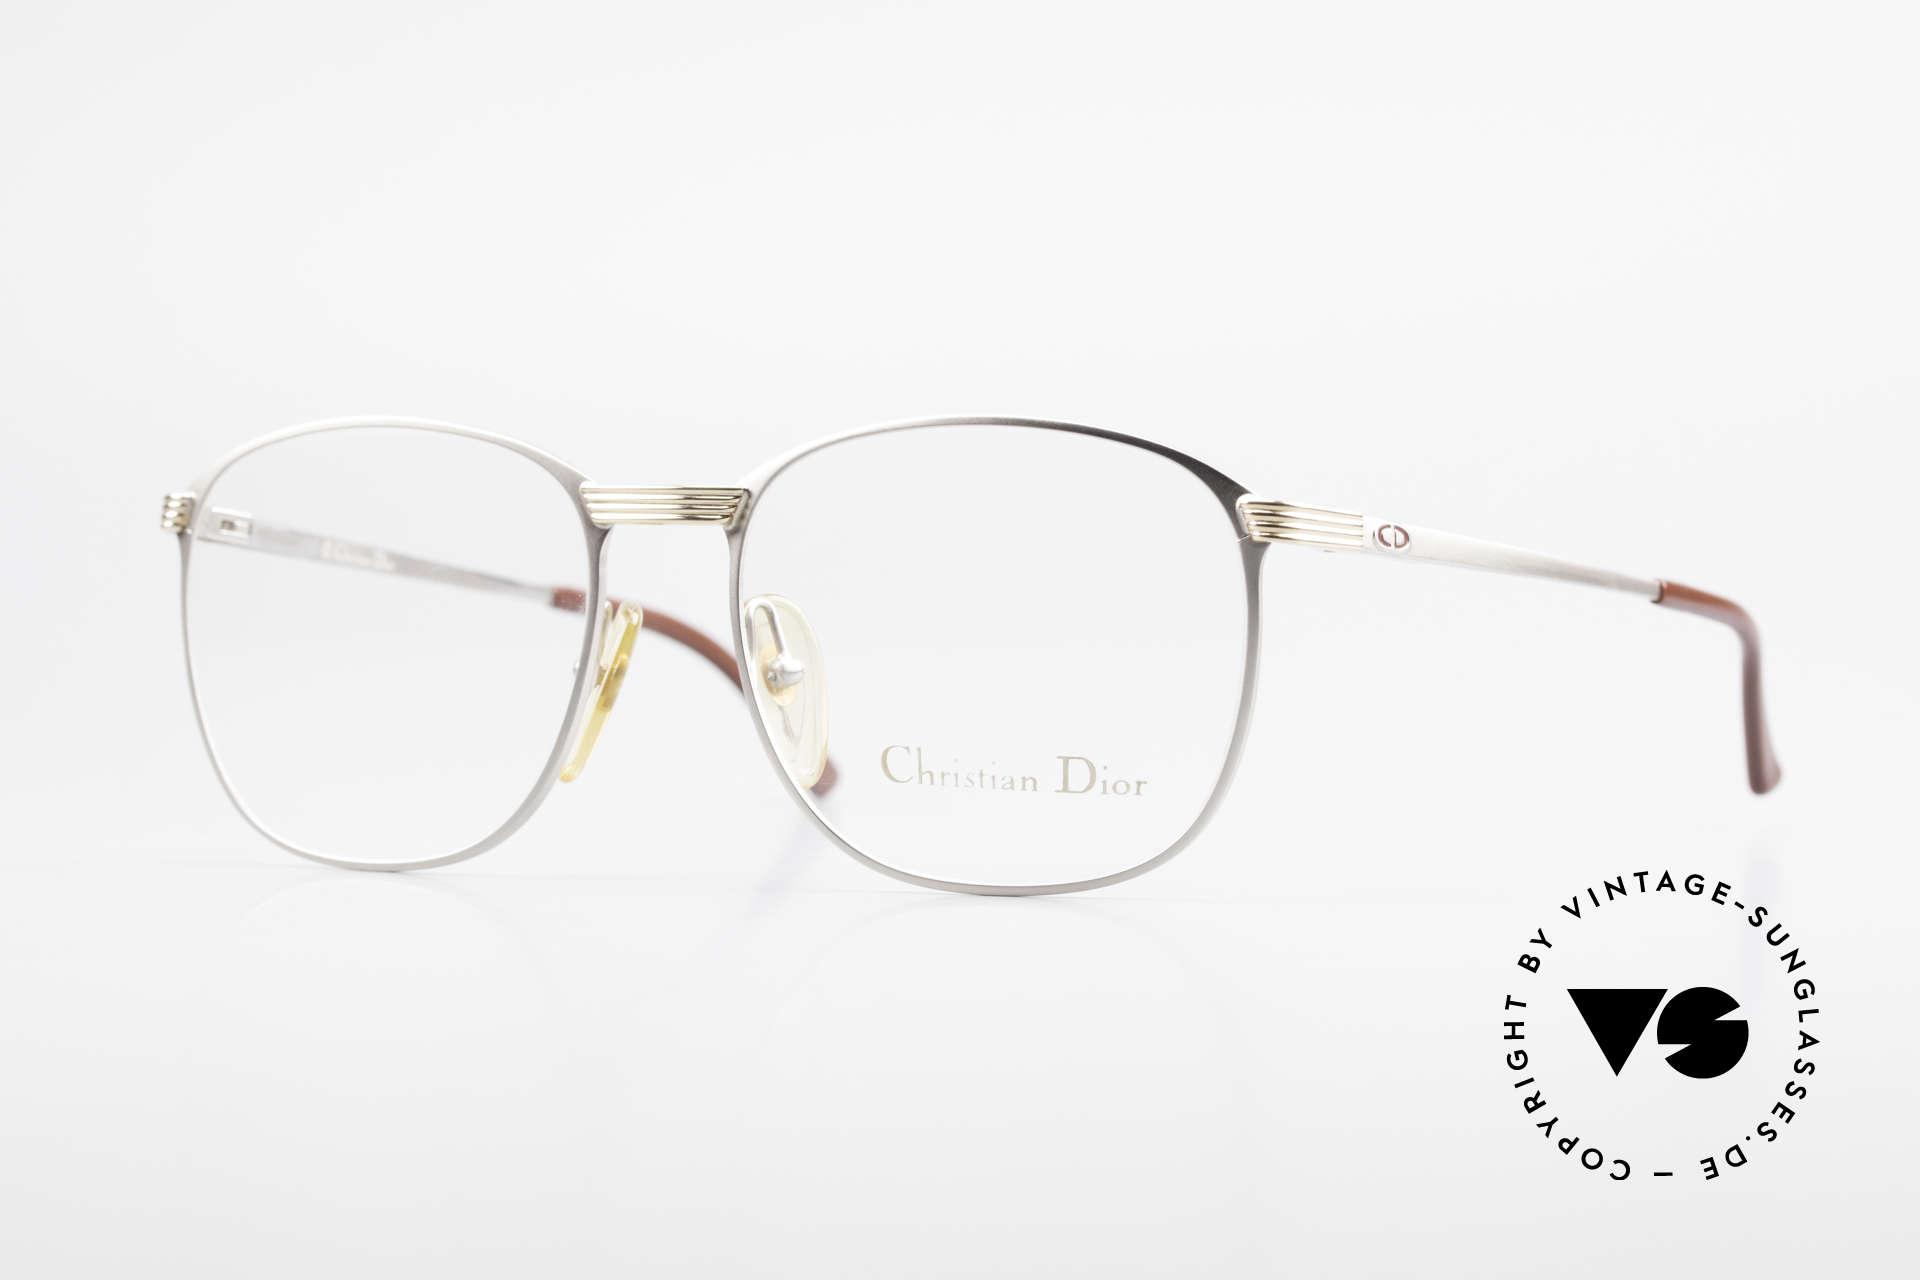 Christian Dior 2721 80er Titanium Fassung Herren, klassische vintage Brillenfassung von Christian Dior, Passend für Herren